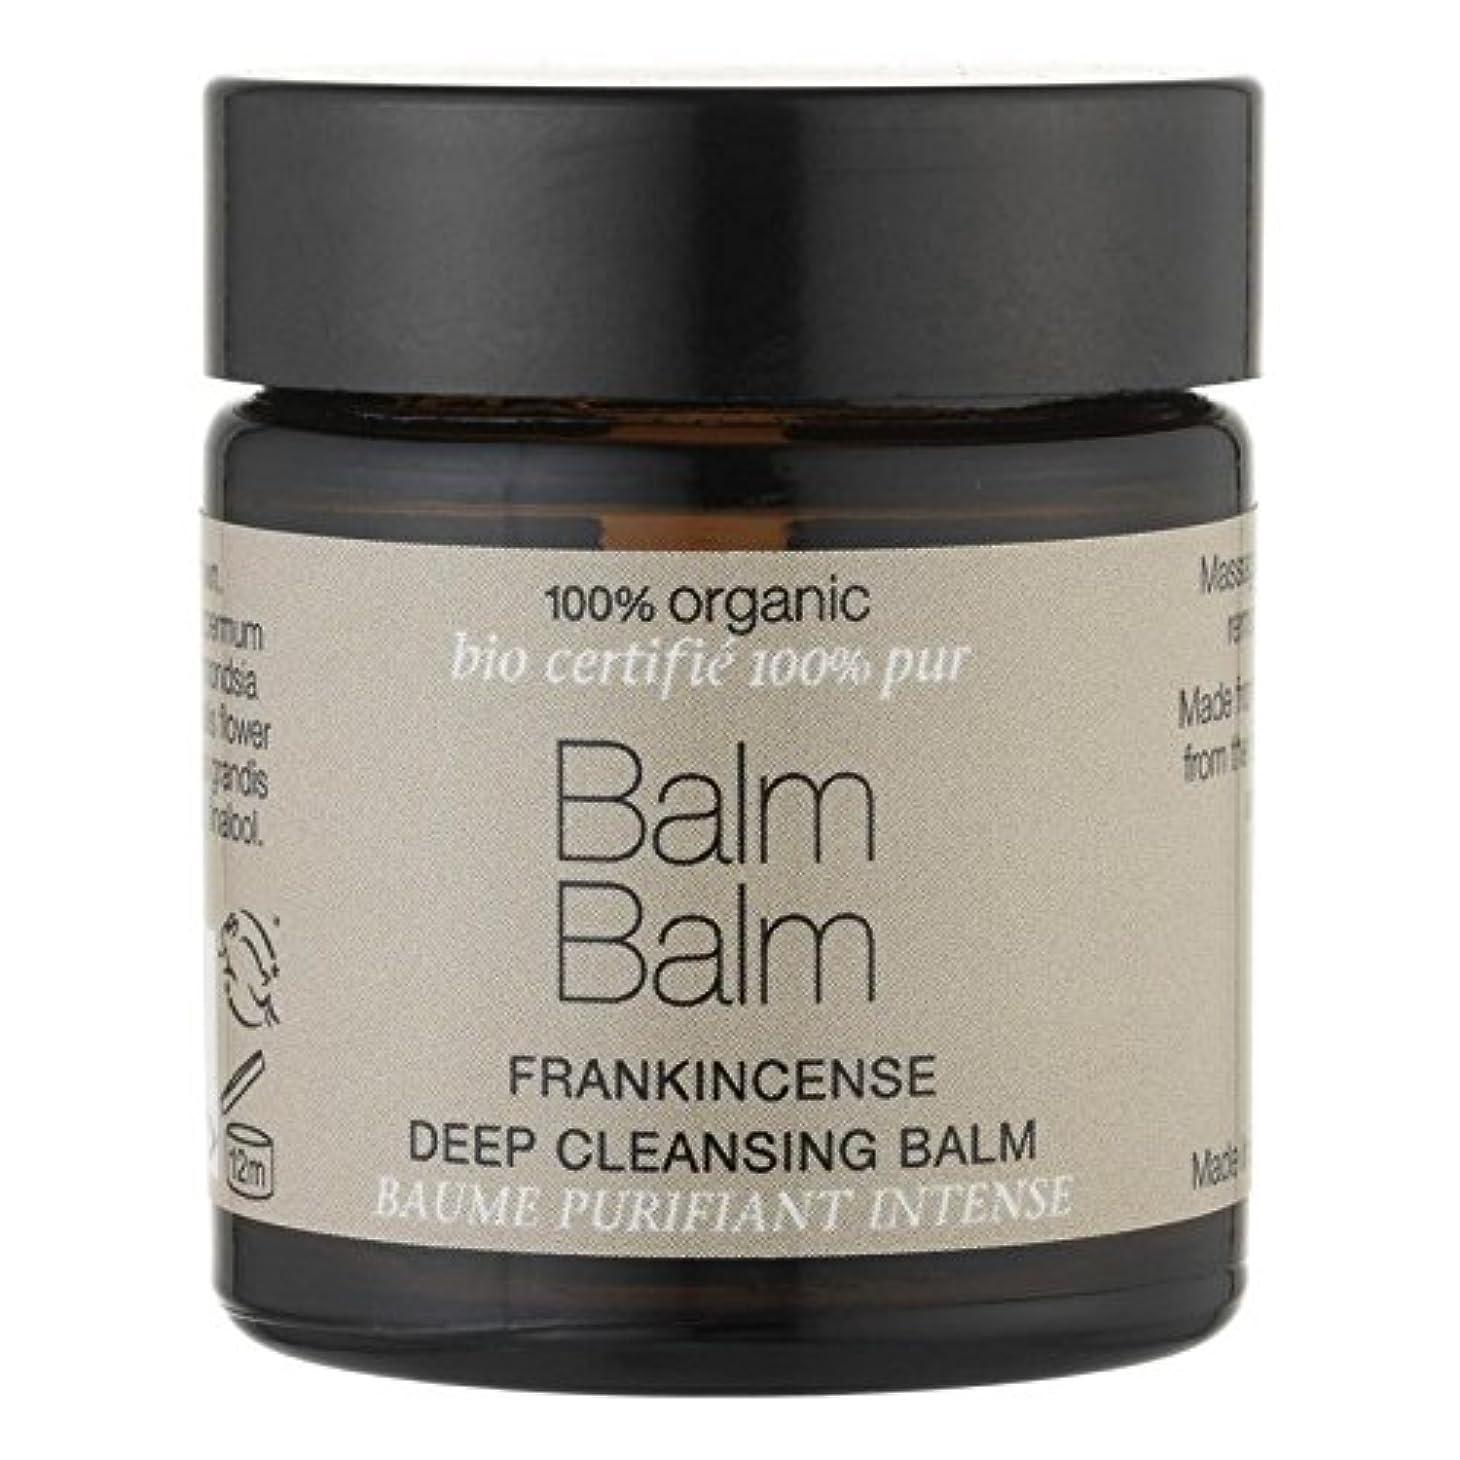 ゴミ箱を空にする抑圧倍増Balm Balm Frankincense Organic Deep Cleansing Balm 30ml - バームバーム乳香有機ディープクレンジングクリーム30ミリリットル [並行輸入品]